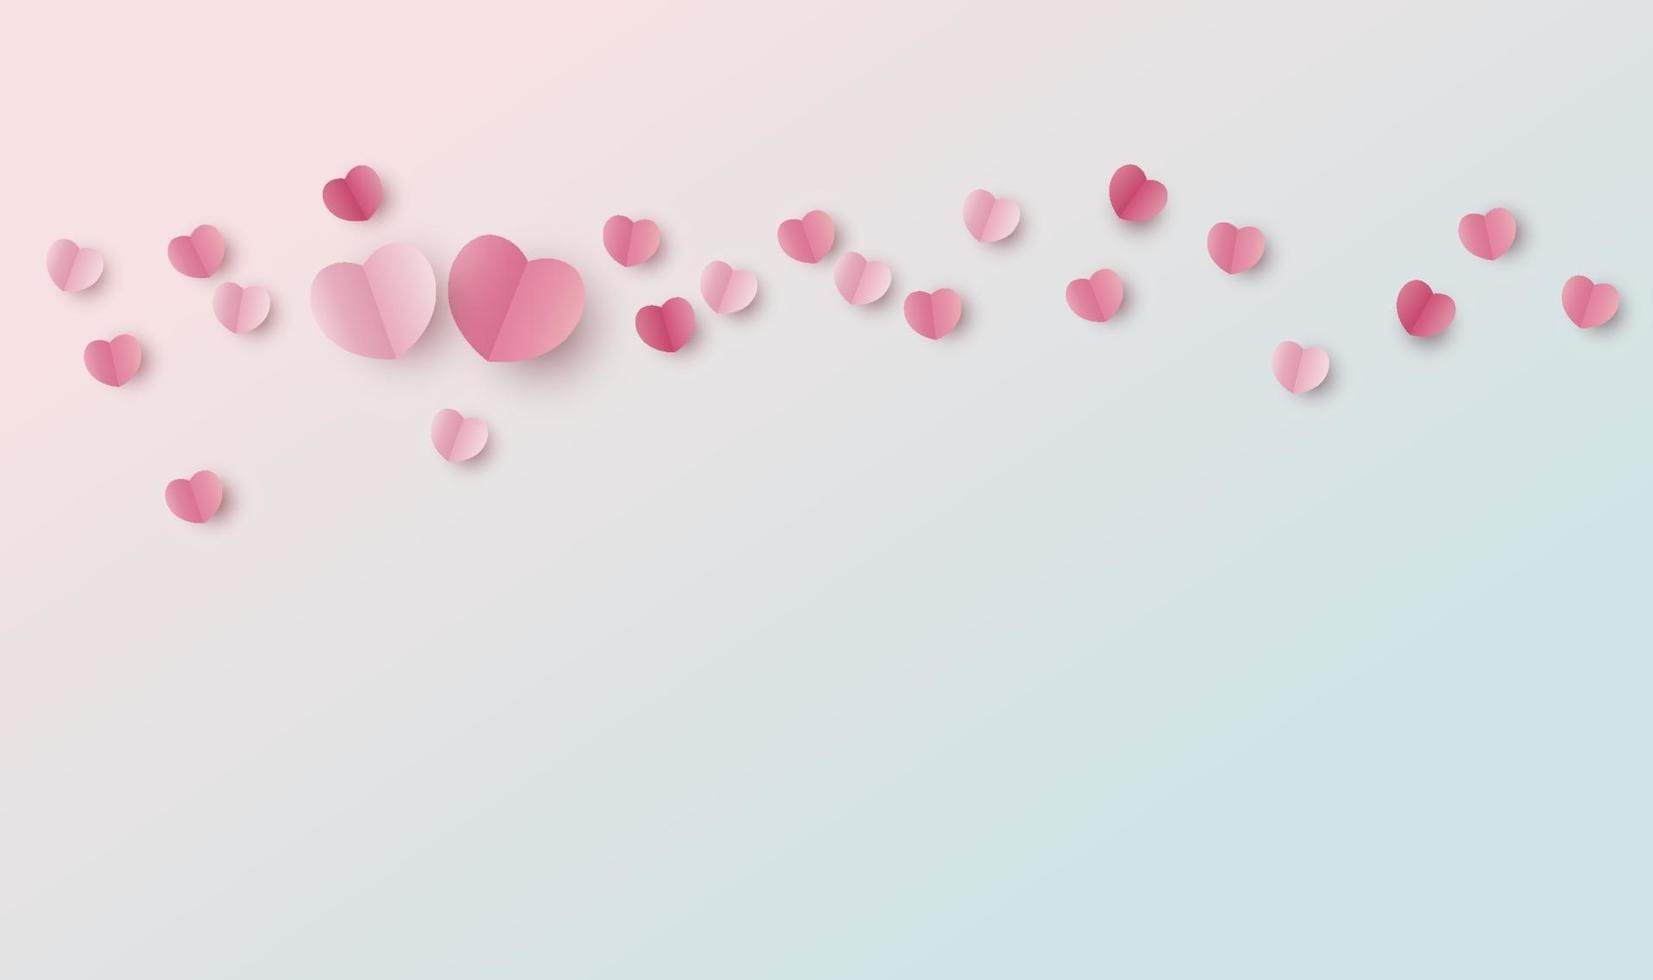 conception de fond Saint Valentin de coeurs en papier avec illustration vectorielle de copie espace vecteur